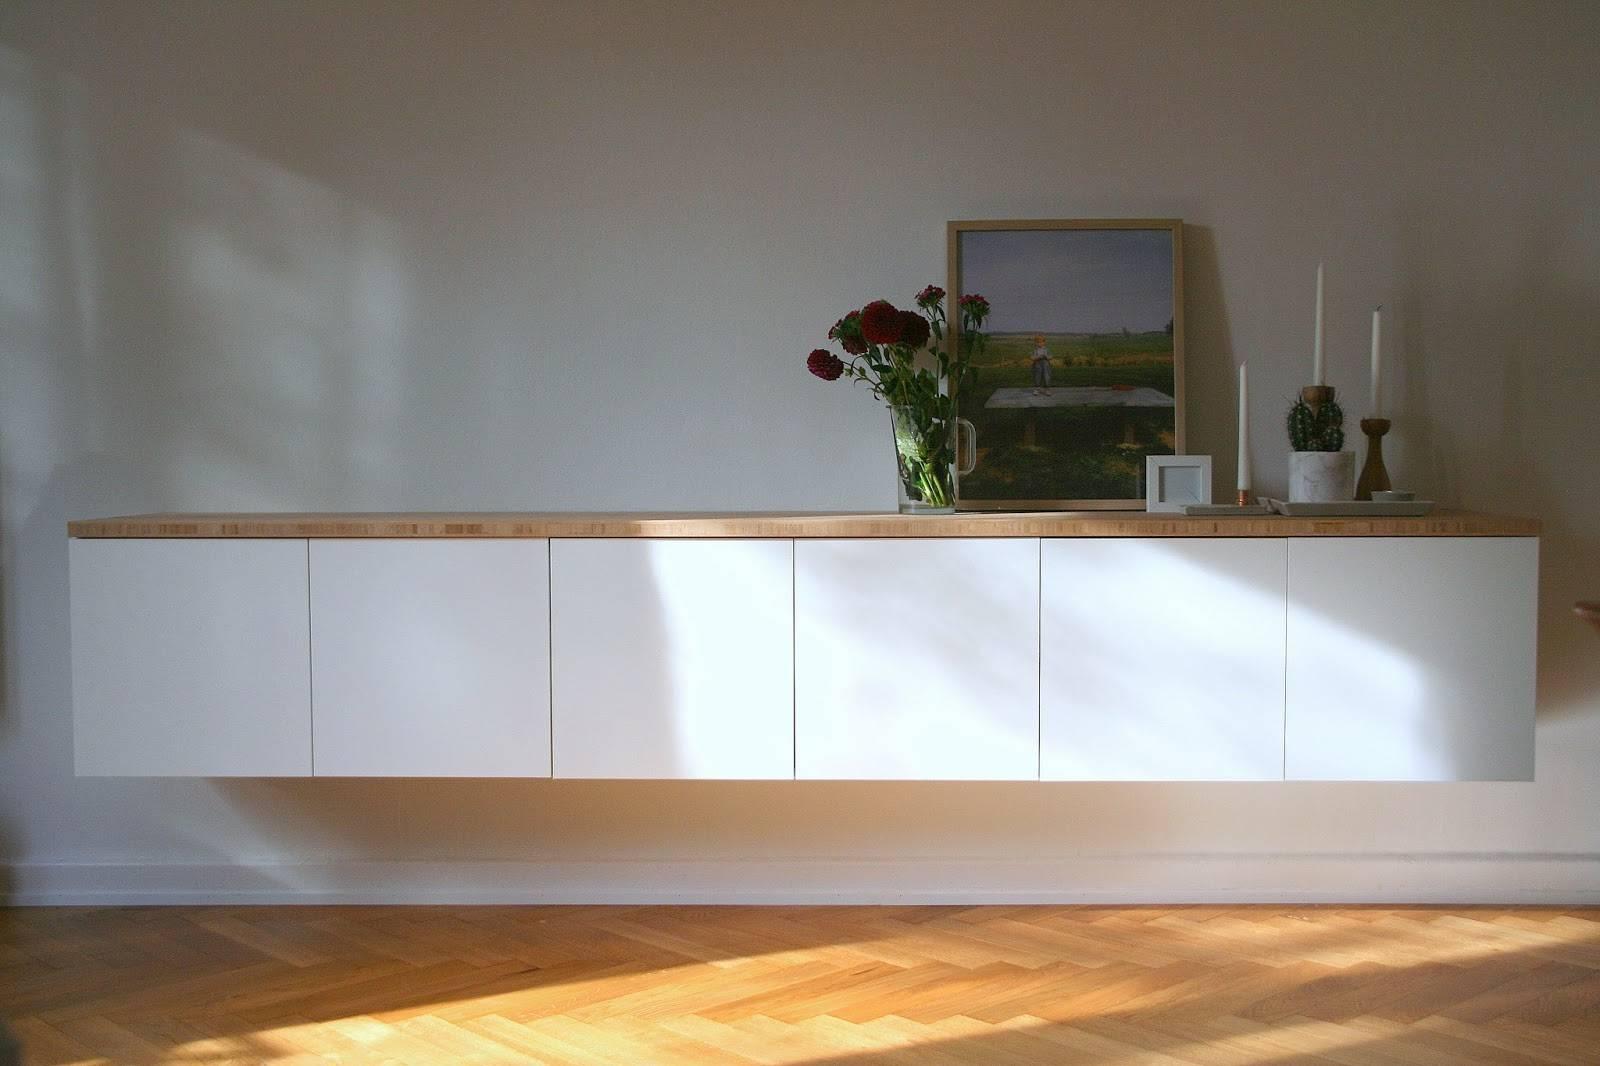 Unglaublich Ikea Hacks Wohnwand Instafav 20 Best Ikea On Instagram For Newest Ikea Besta Sideboards (#15 of 15)